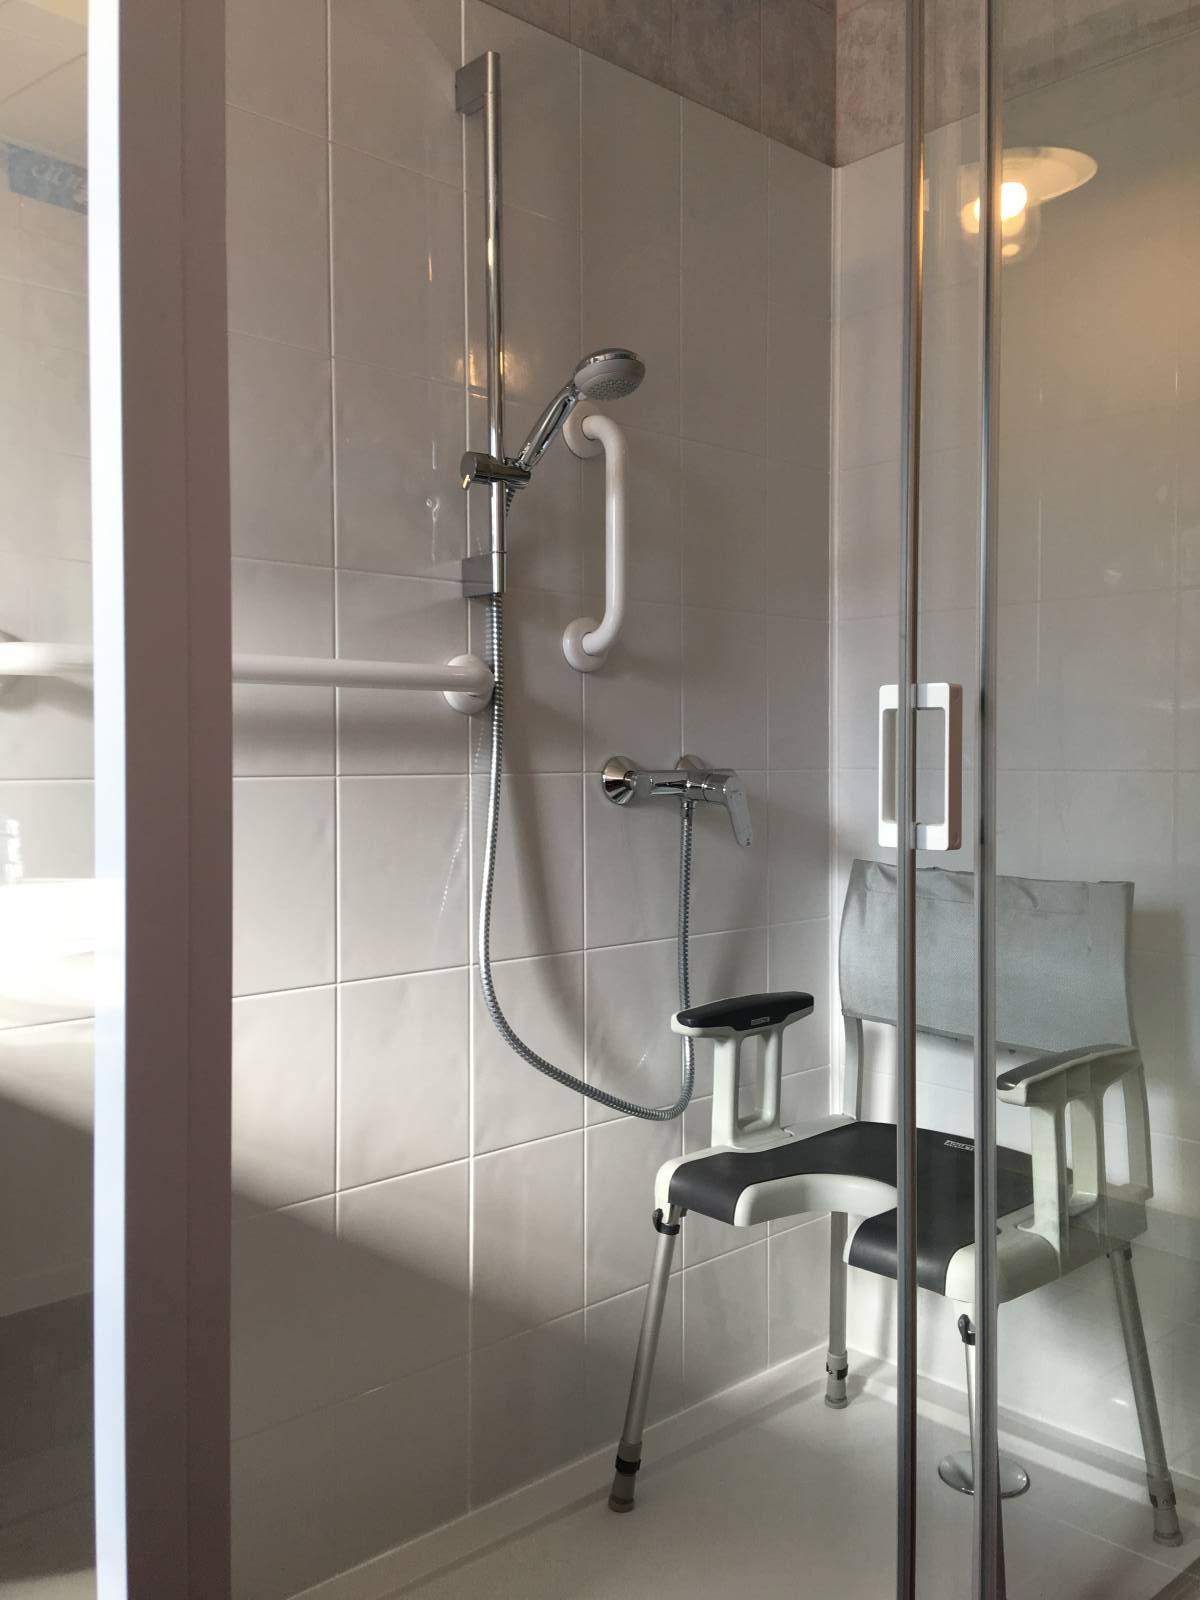 sp cialiste remplacement baignoire par douche senior s curis e rennes et dans tout le. Black Bedroom Furniture Sets. Home Design Ideas